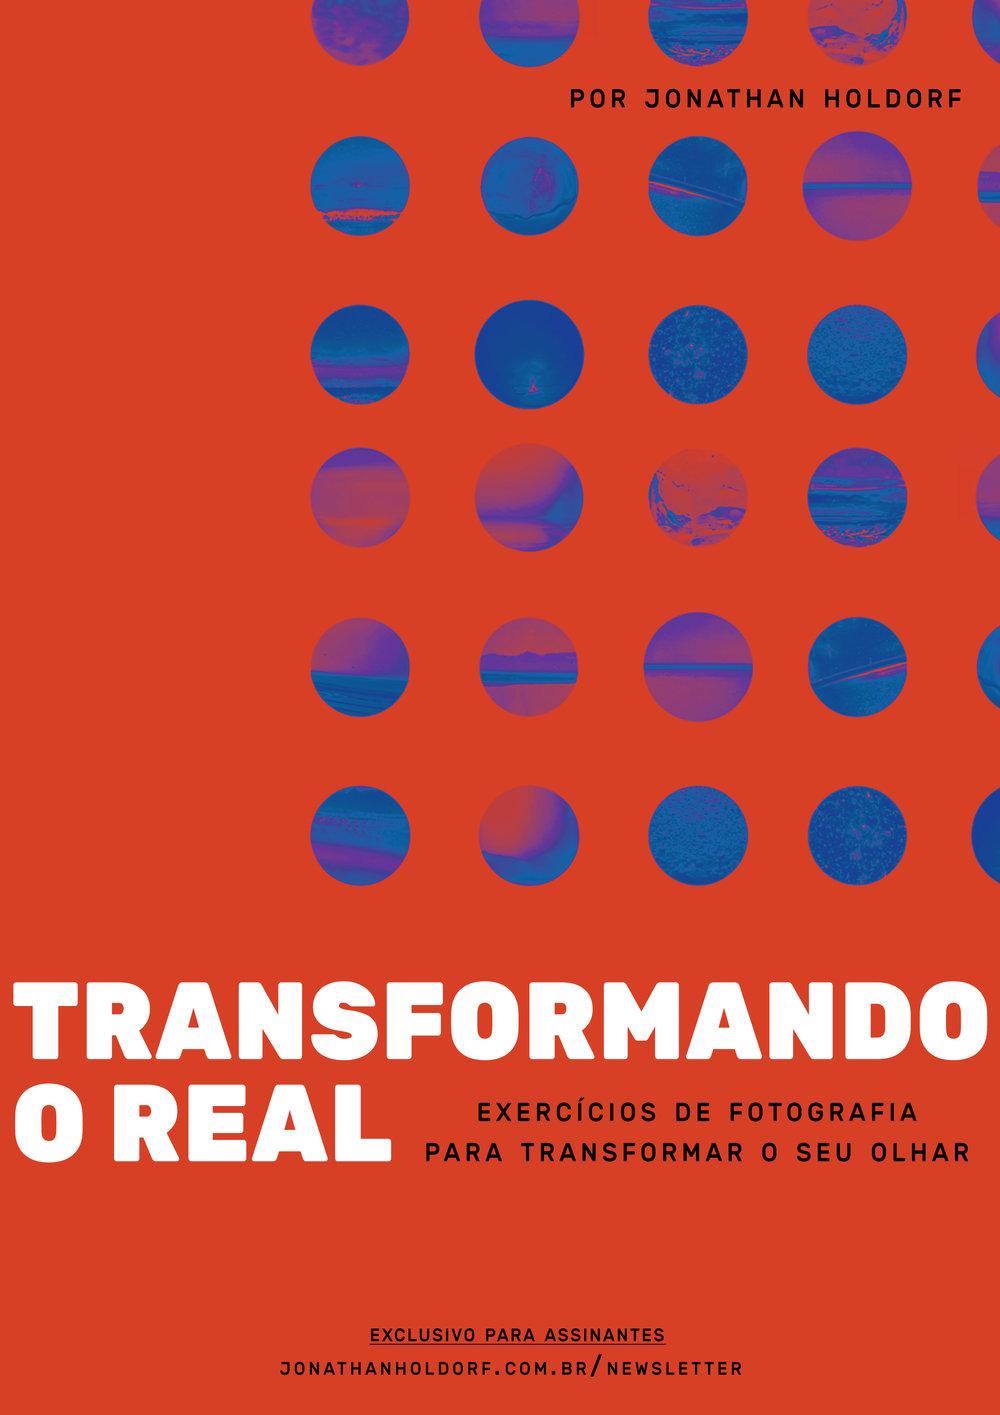 exercícios fotografia transforme o olhar fotográfico